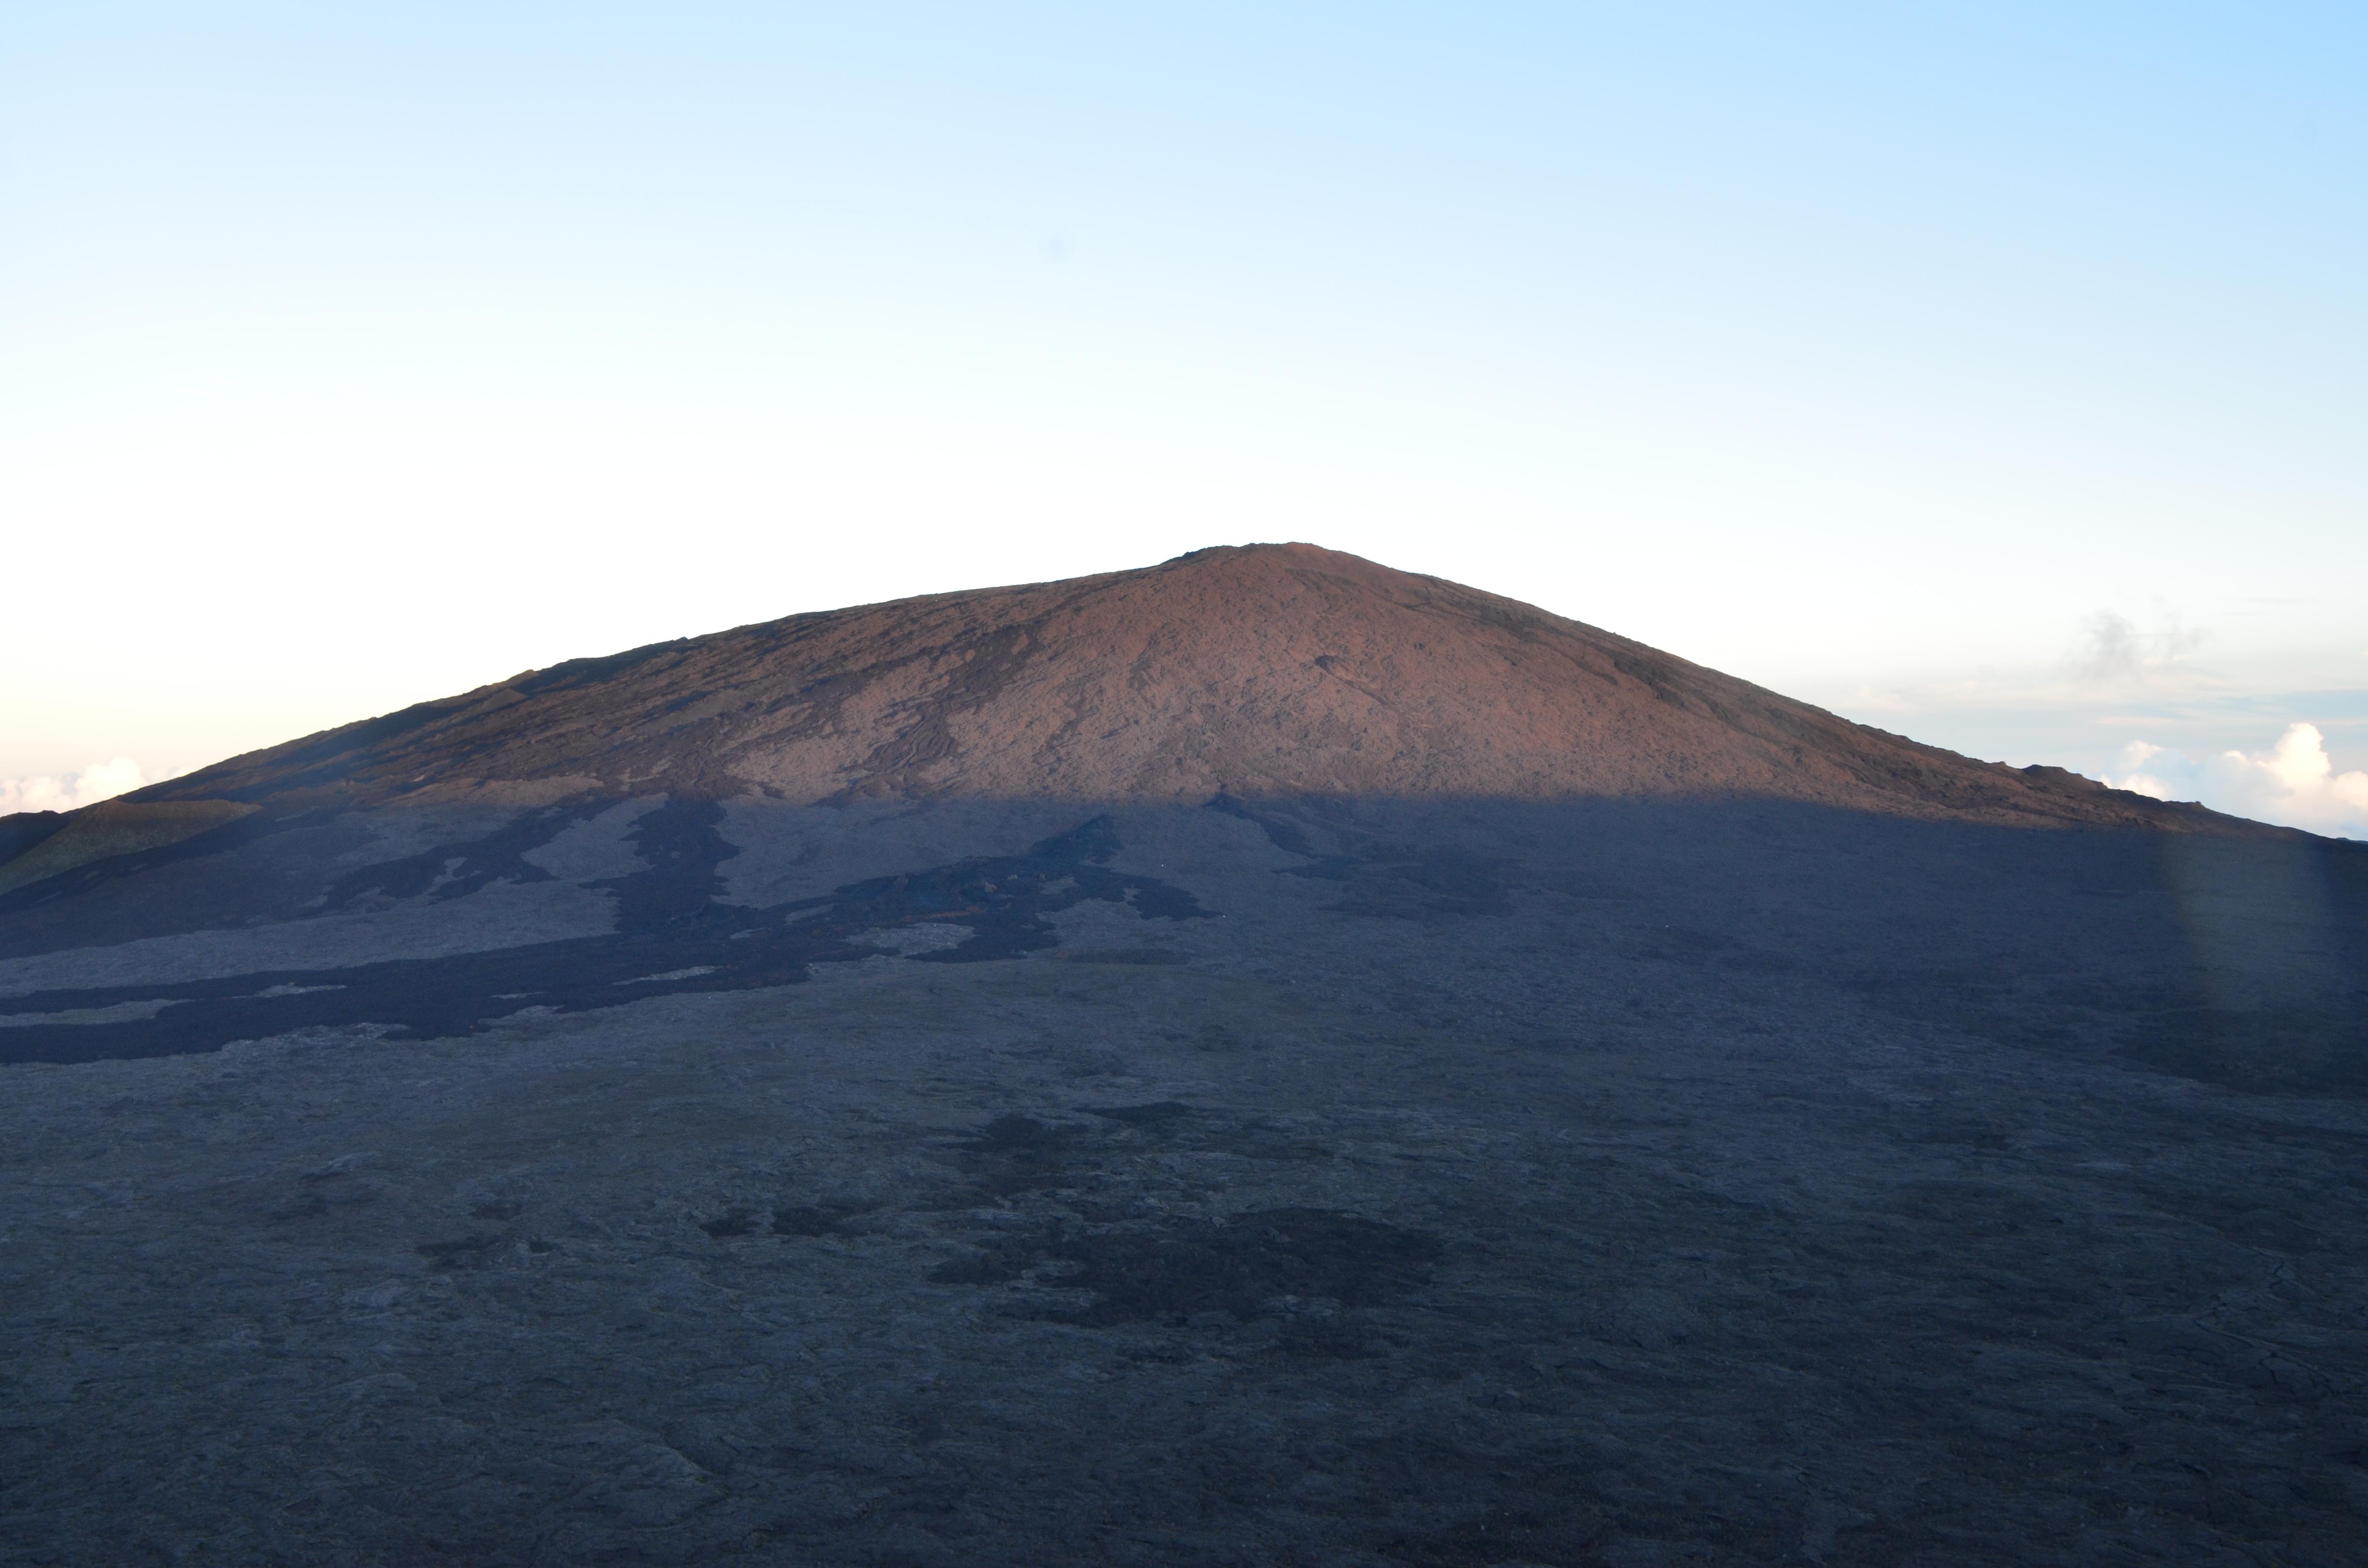 Le Piton de la Fournaise, la Réunion